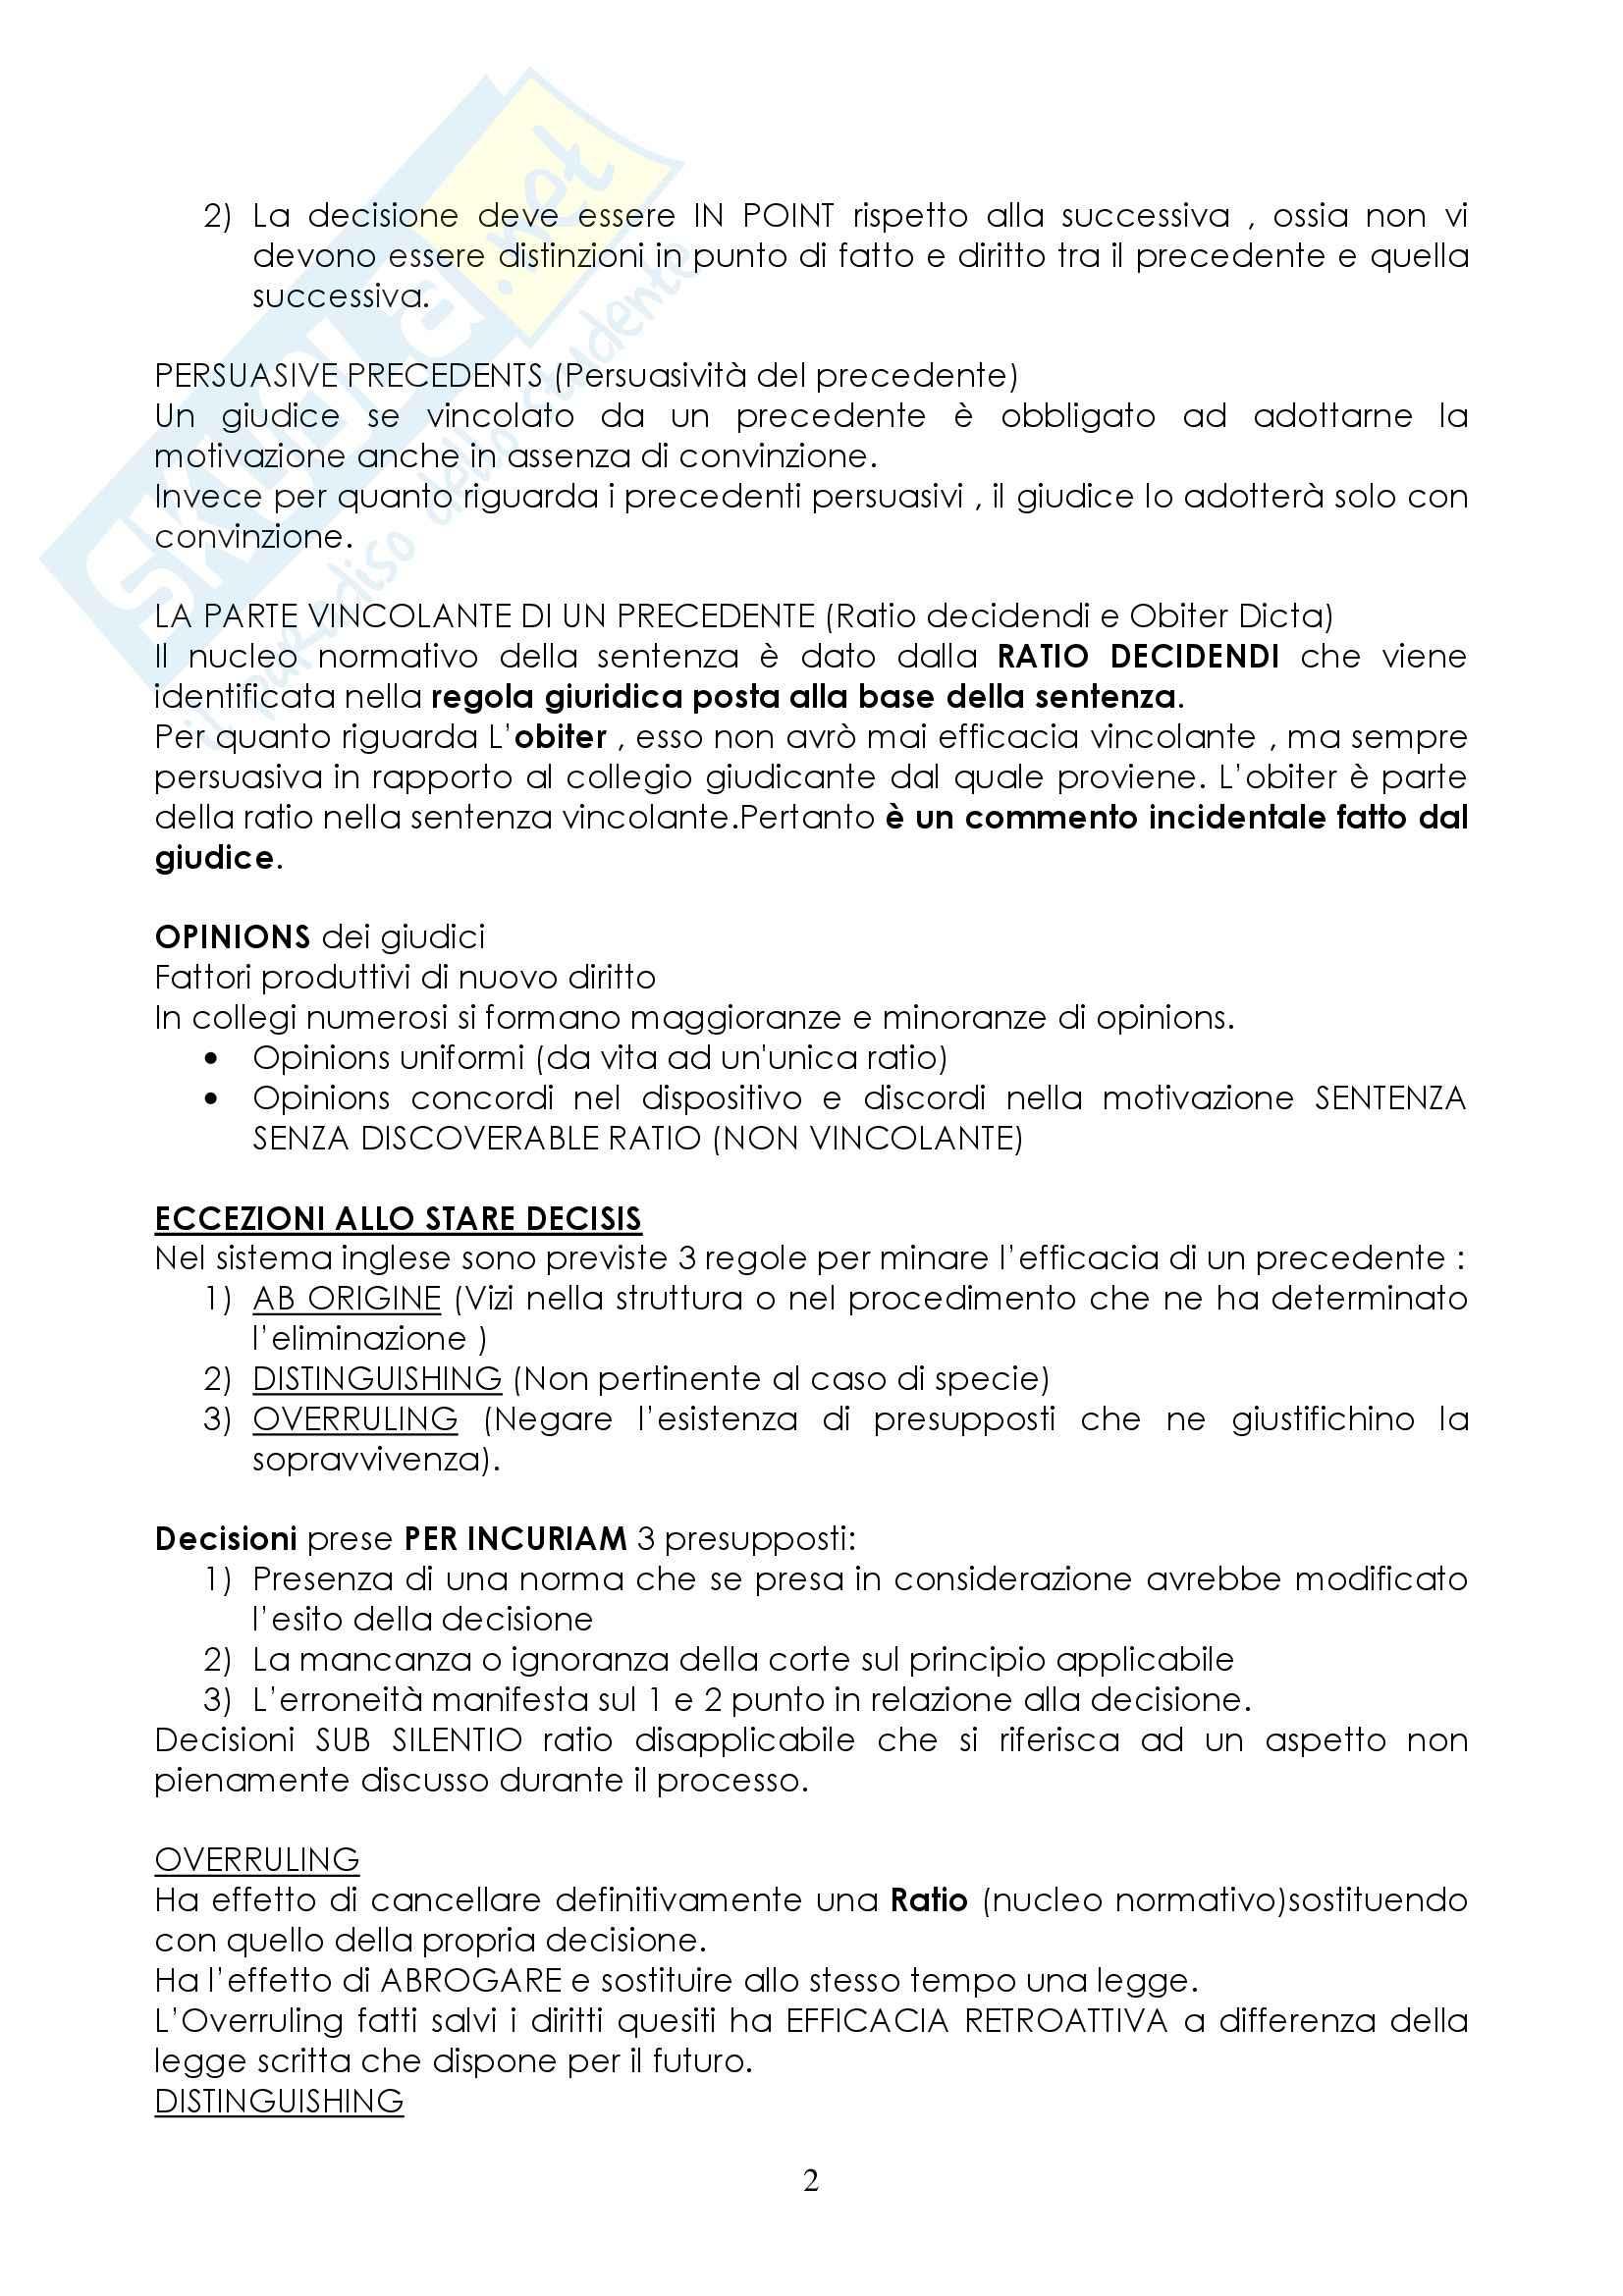 Diritto privato comparato - completo Pag. 2